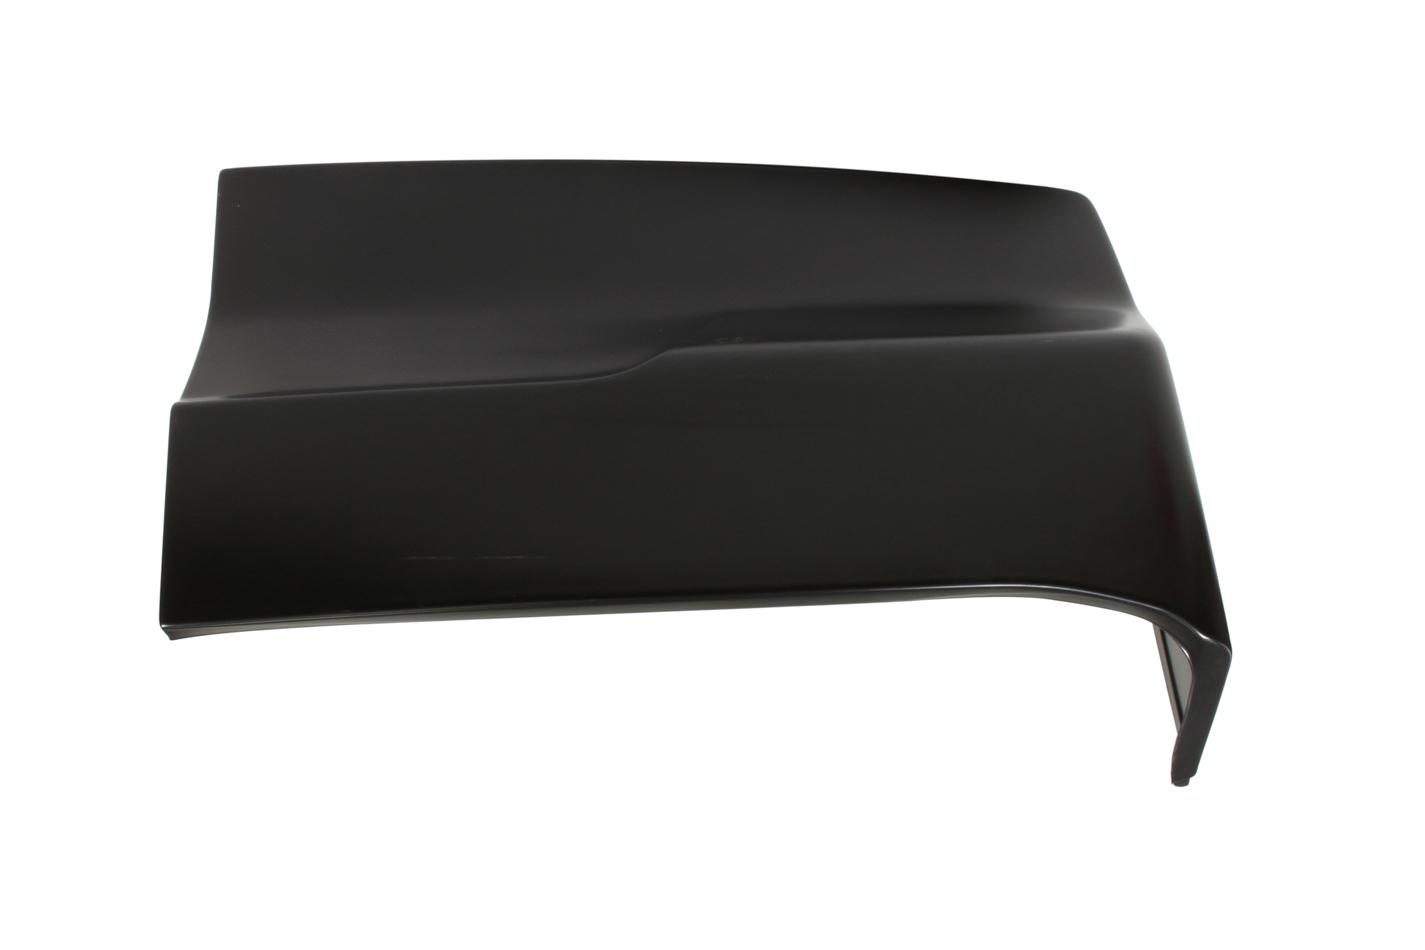 Fivestar 11002-45051-BR Bumper Cover, Passenger Side, Rear, Molded Plastic, Black, 2019 Late Model, Each